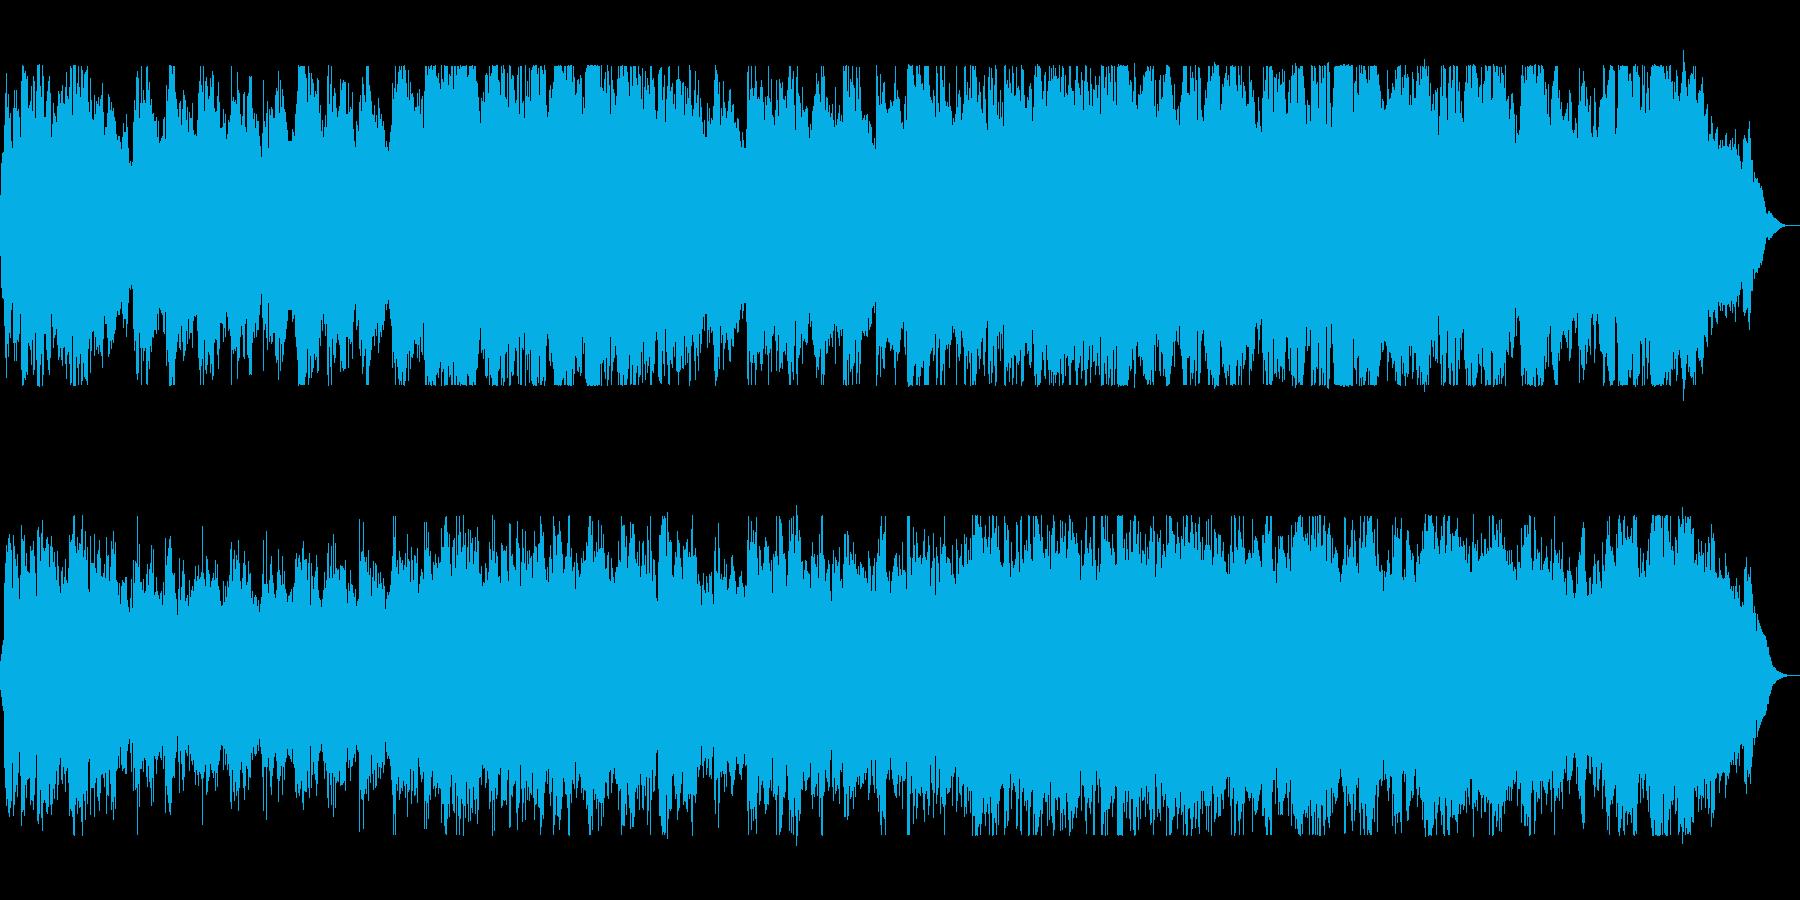 華麗で迫力のあるオーケストラサウンドの再生済みの波形